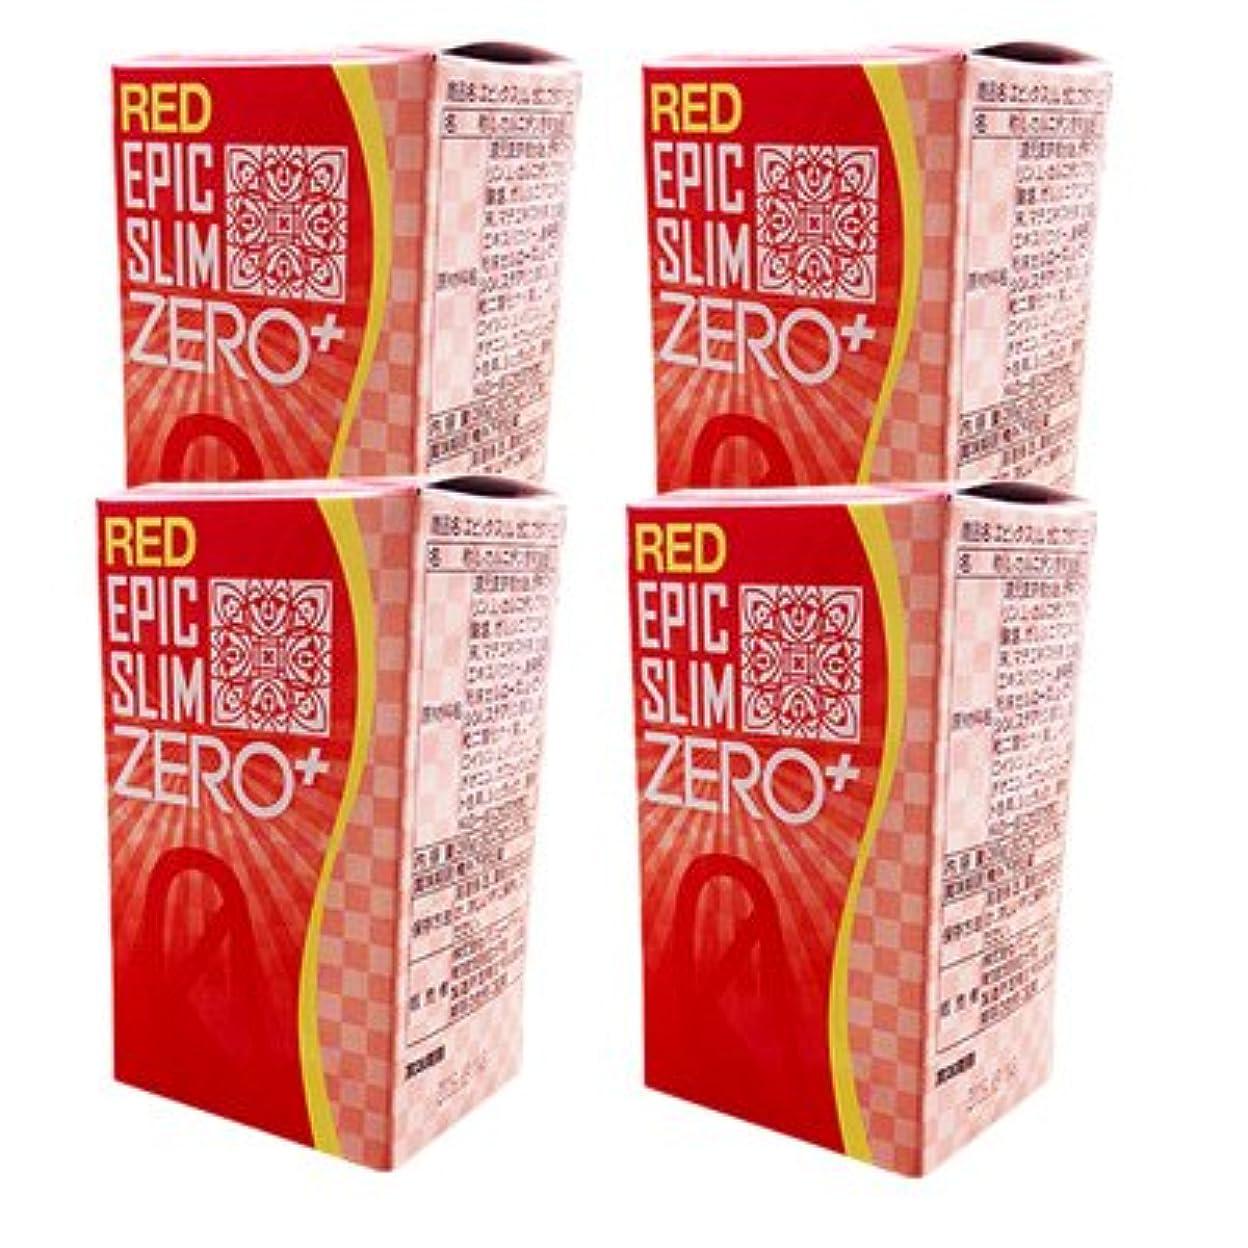 きらめき承知しました軍団レッド エピックスリム ゼロ レッド 4個セット!  Epic Slim ZERO RED ×4個